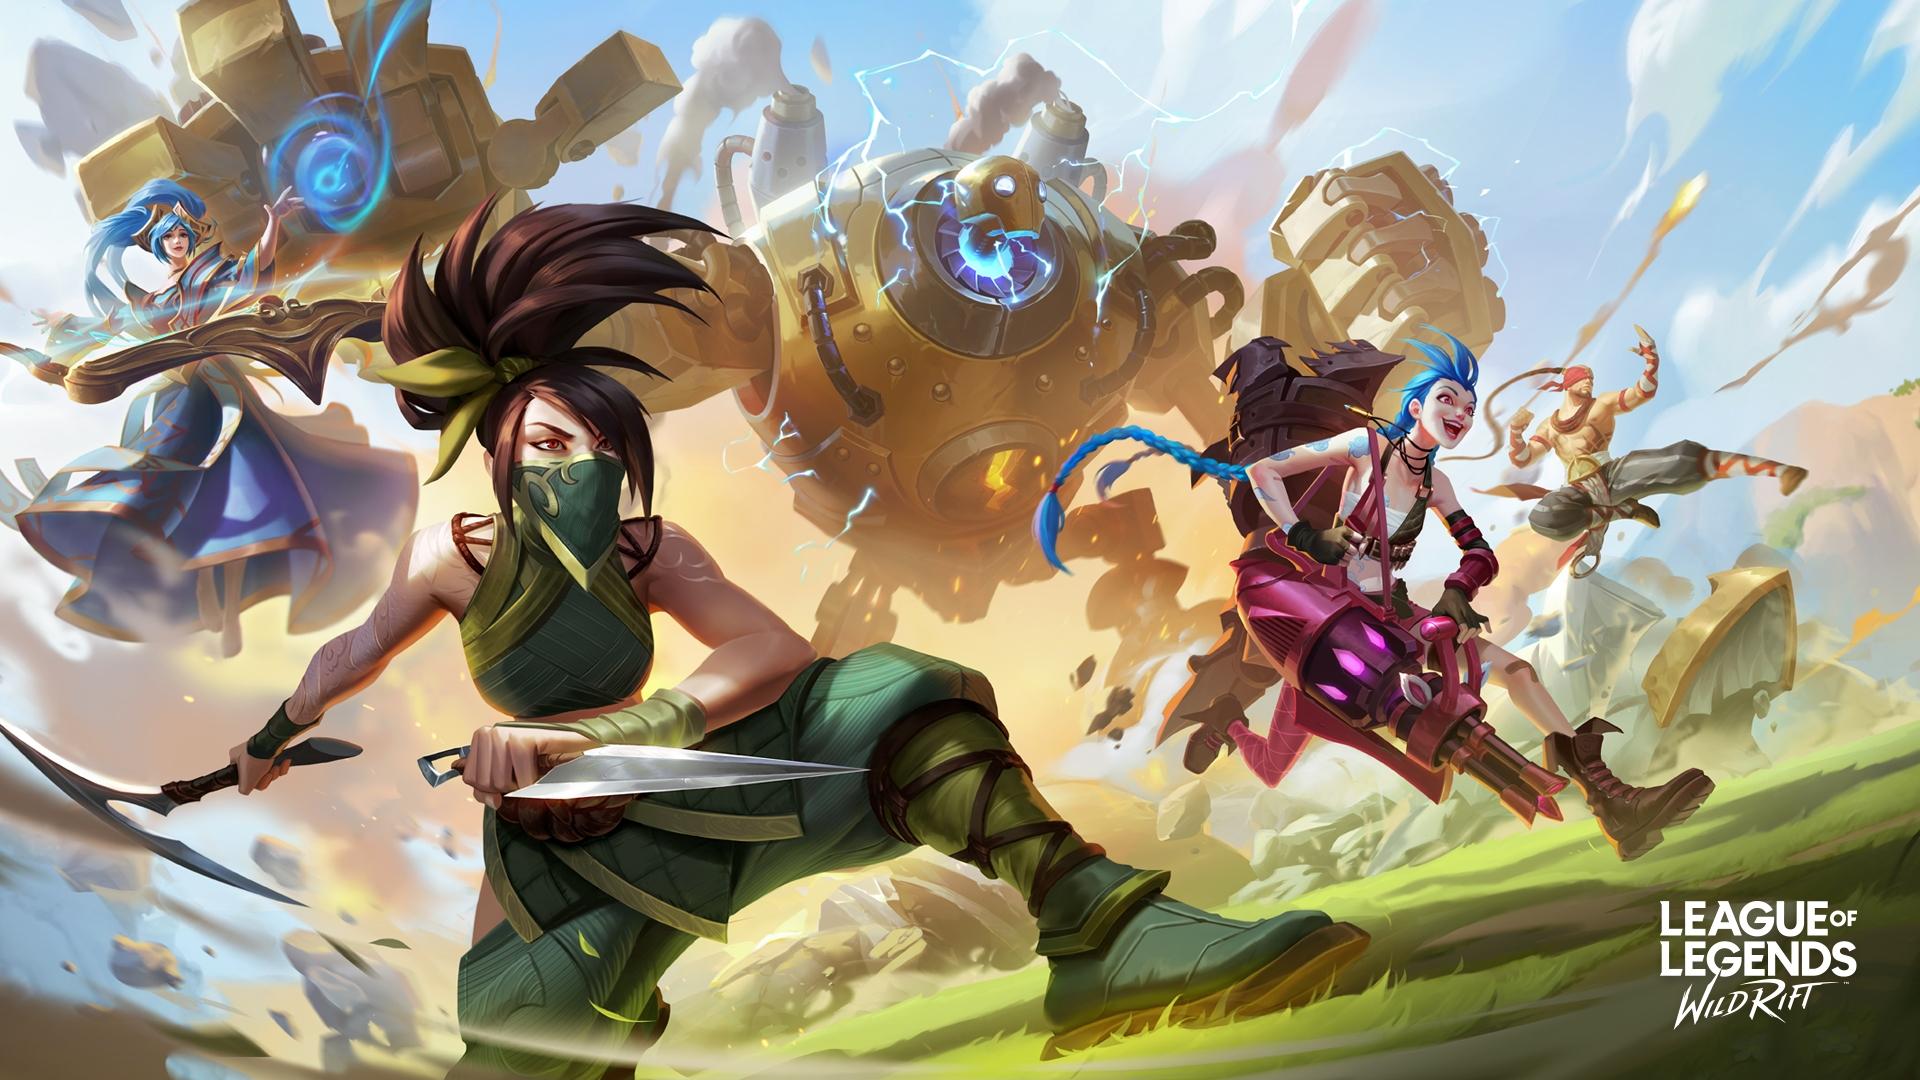 wallpaper hd league of legends: wild rift keren